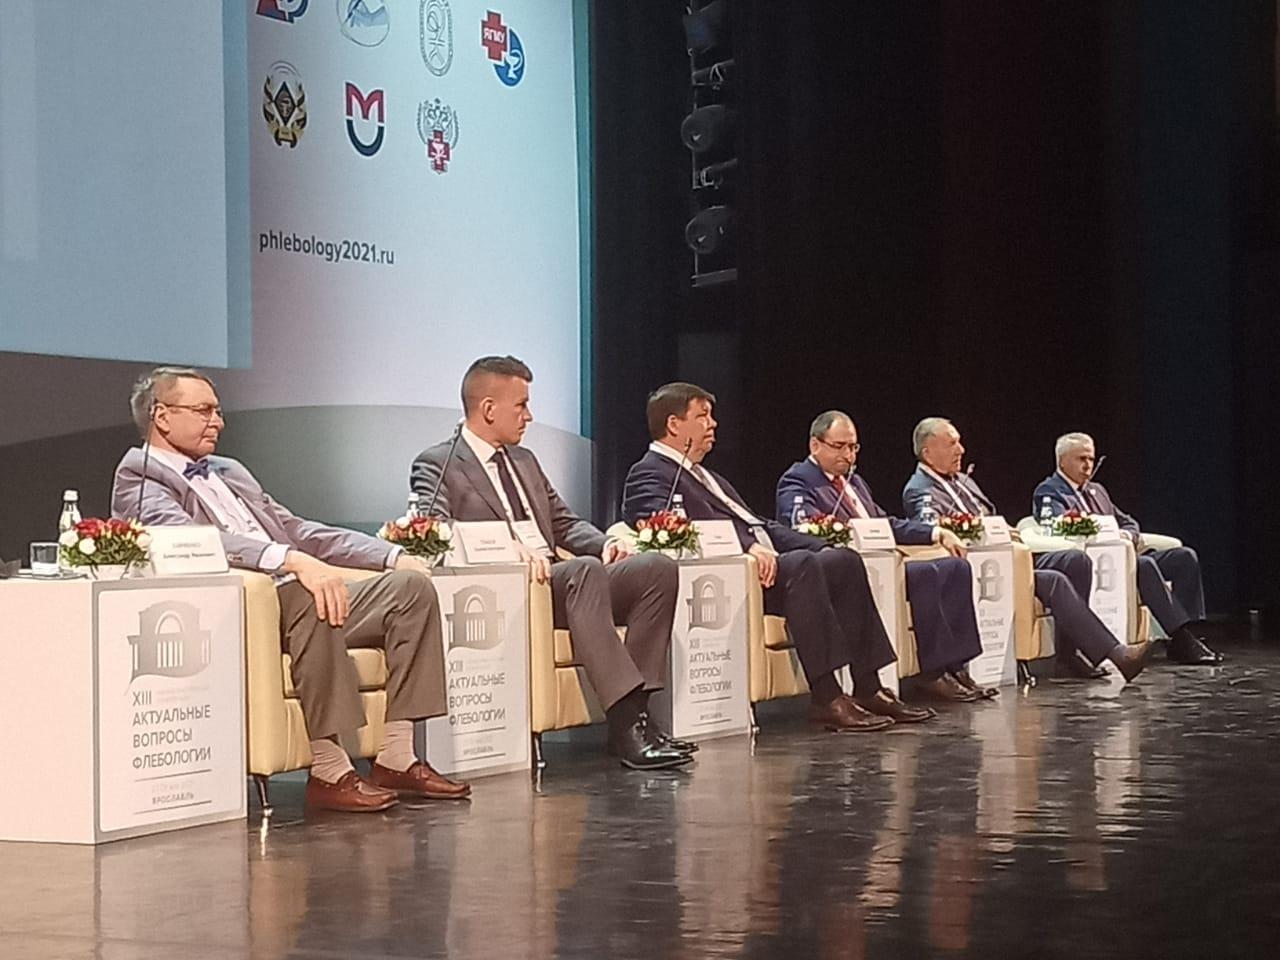 Лучшие флебологи страны собрались в Ярославле, чтобы обсудить современные методики лечения заболеваний вен